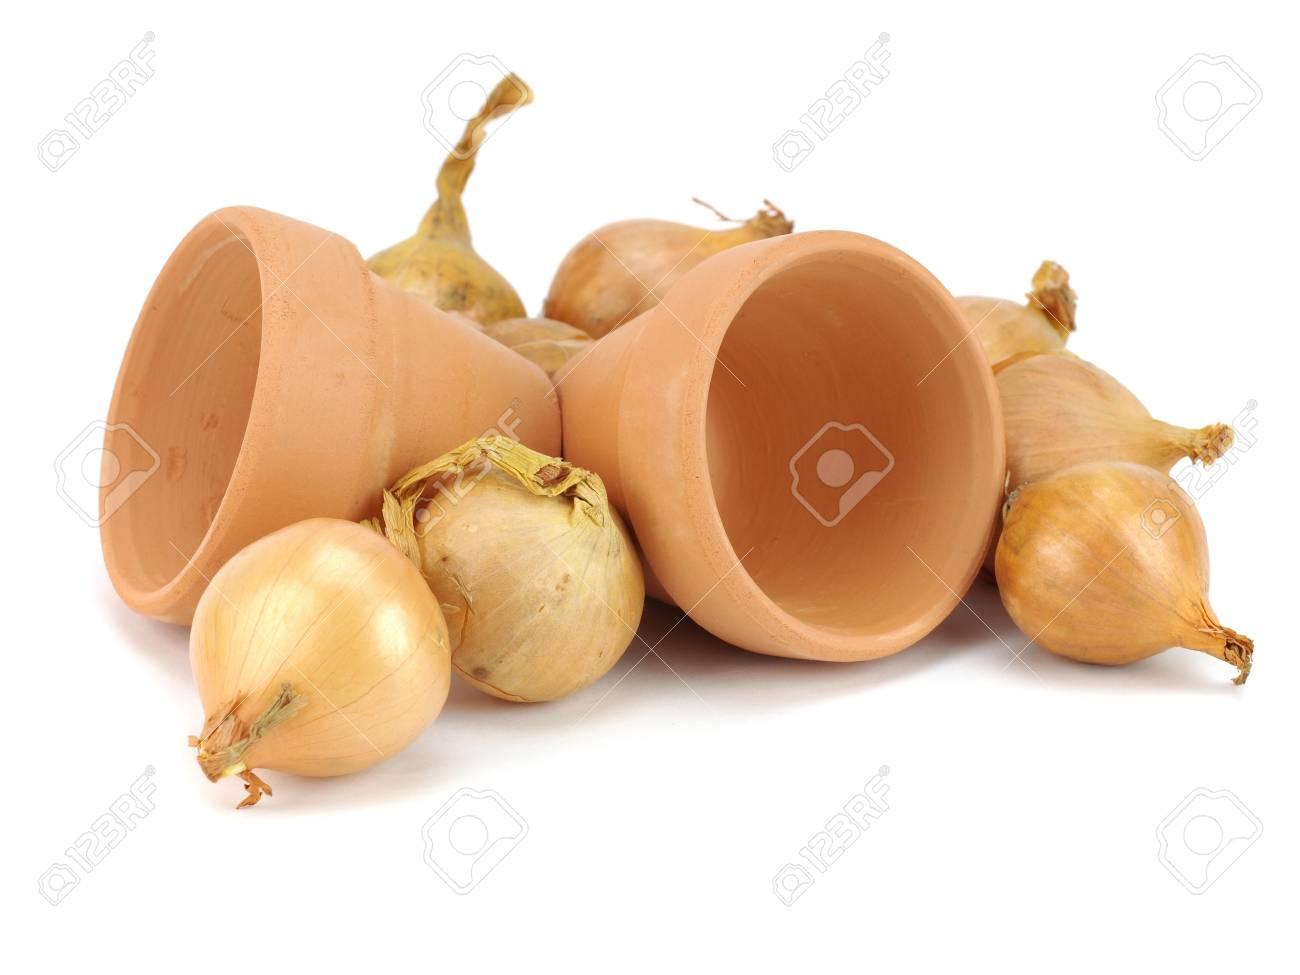 Oignon Blanc A Planter des semences d'oignons destinés à la plantation et l'argile des pots de  fleurs sur fond blanc